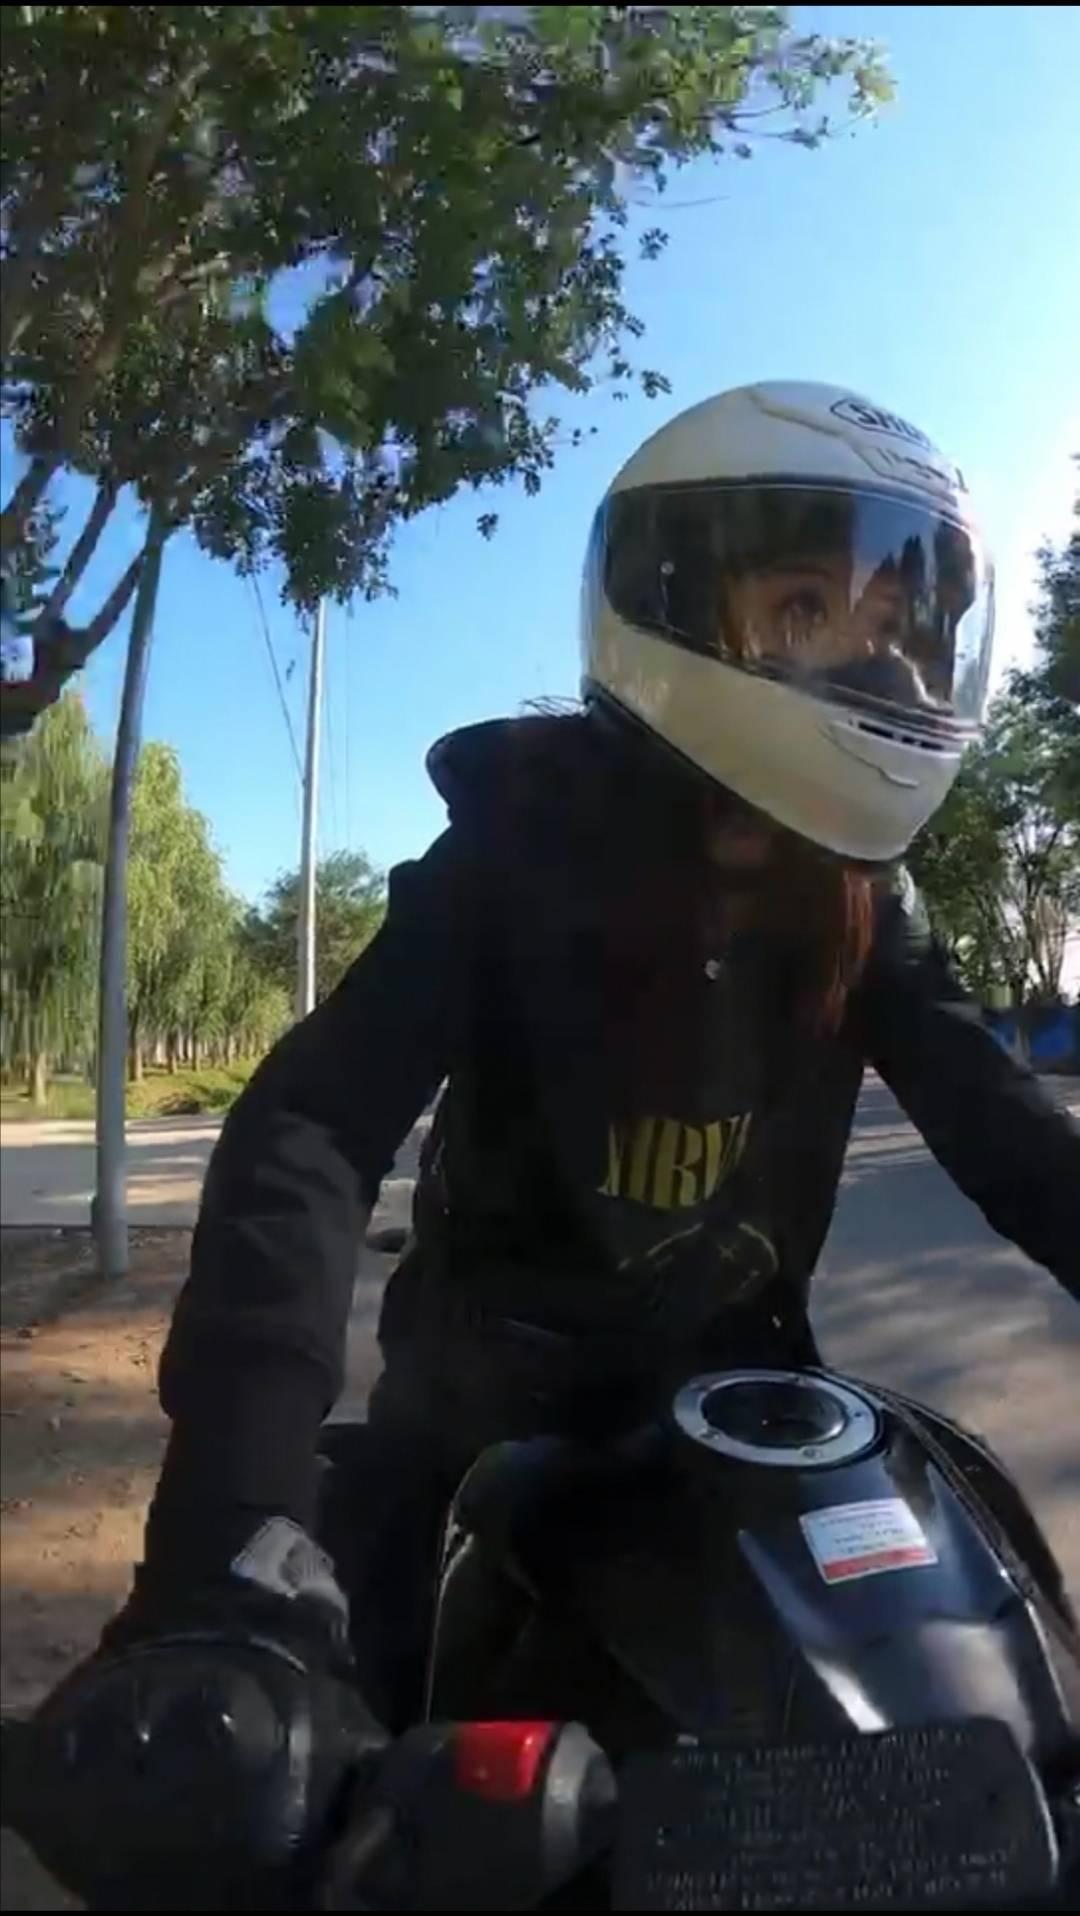 原来北京女骑士在路上突然掉头被后面的车撞了,车前撞到了女骑士的腿上